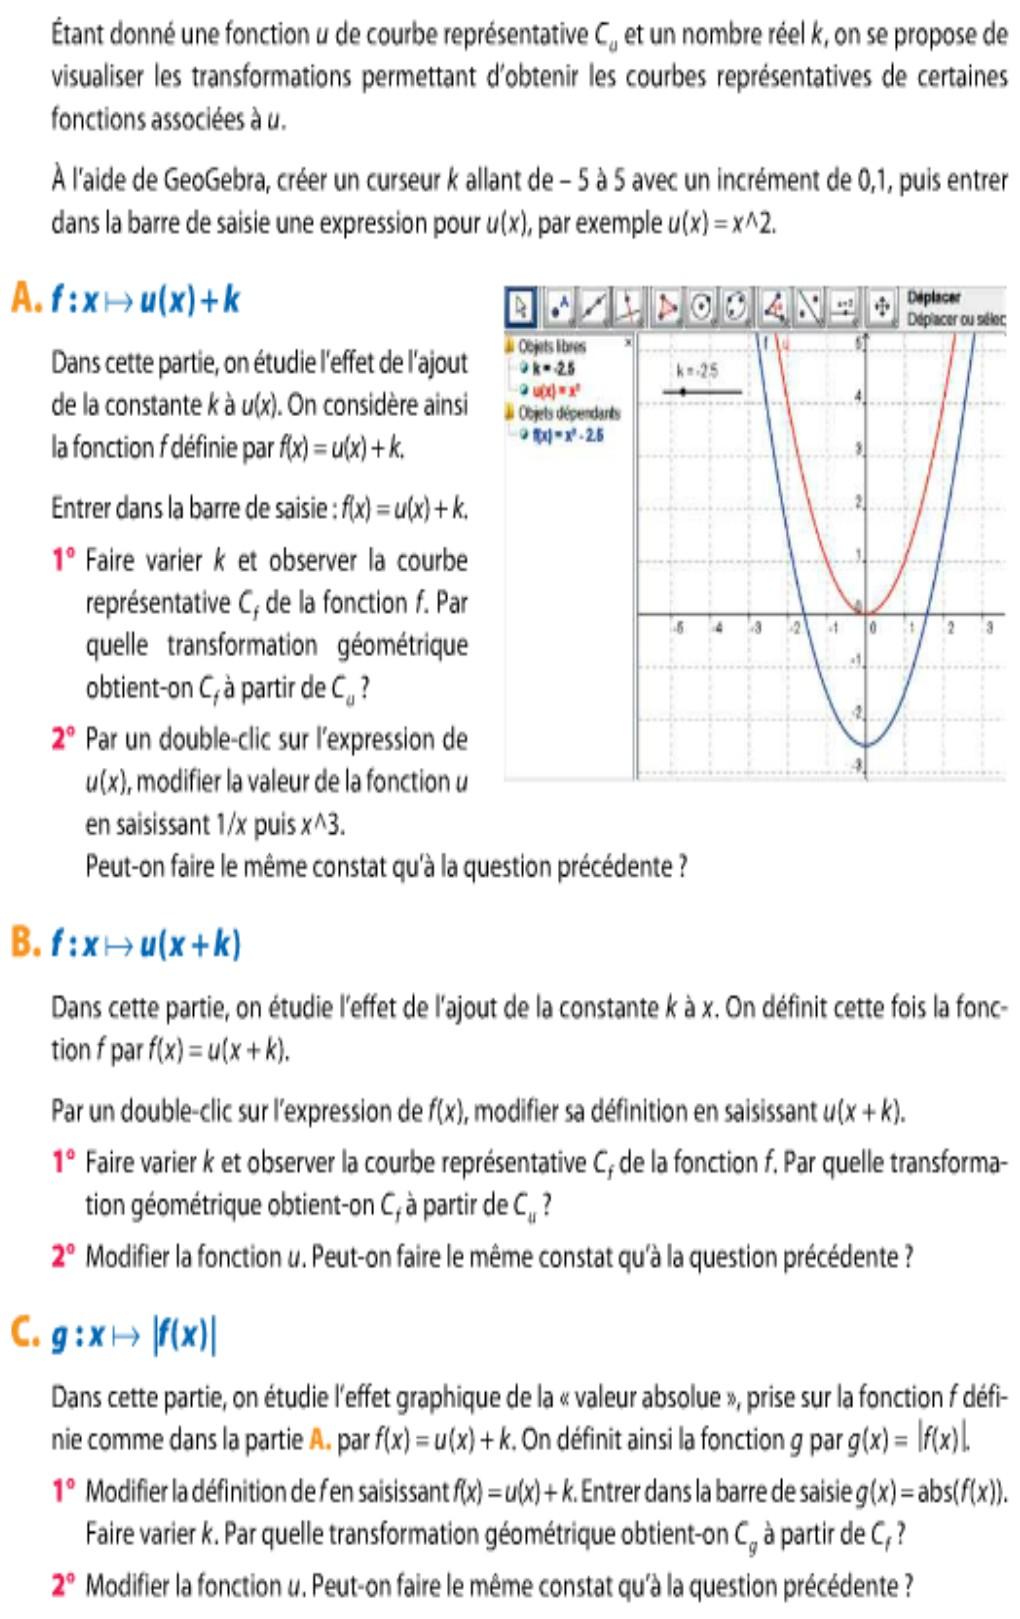 Déplacement de courbes sur géogèbra